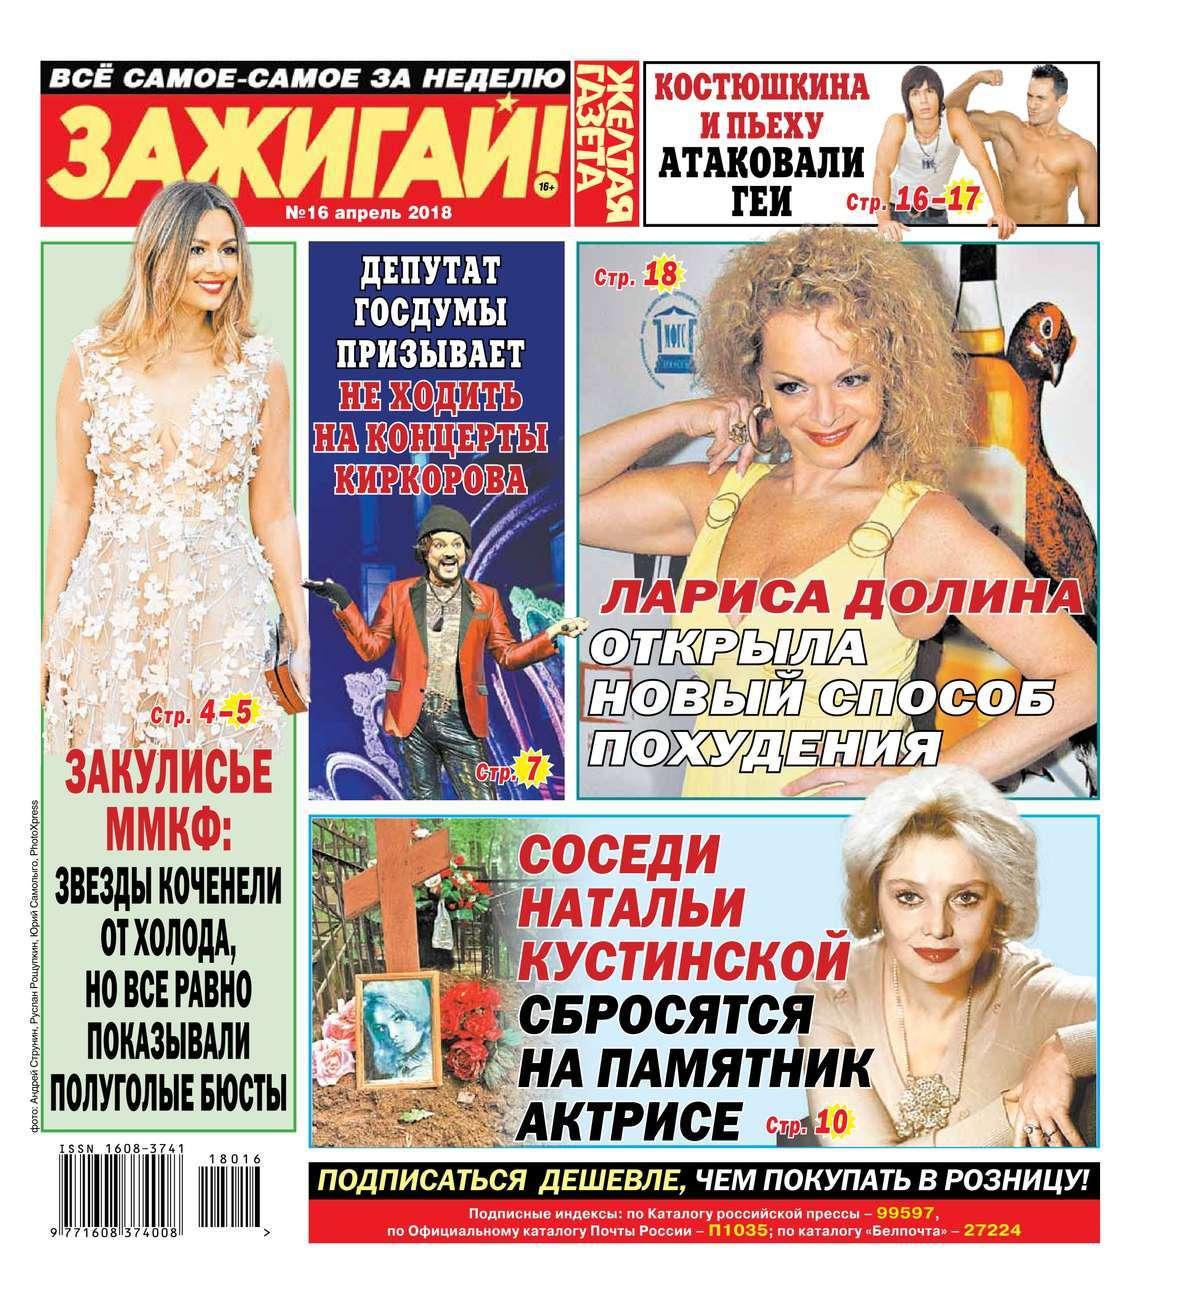 Желтая Газета. Зажигай! 16-2018